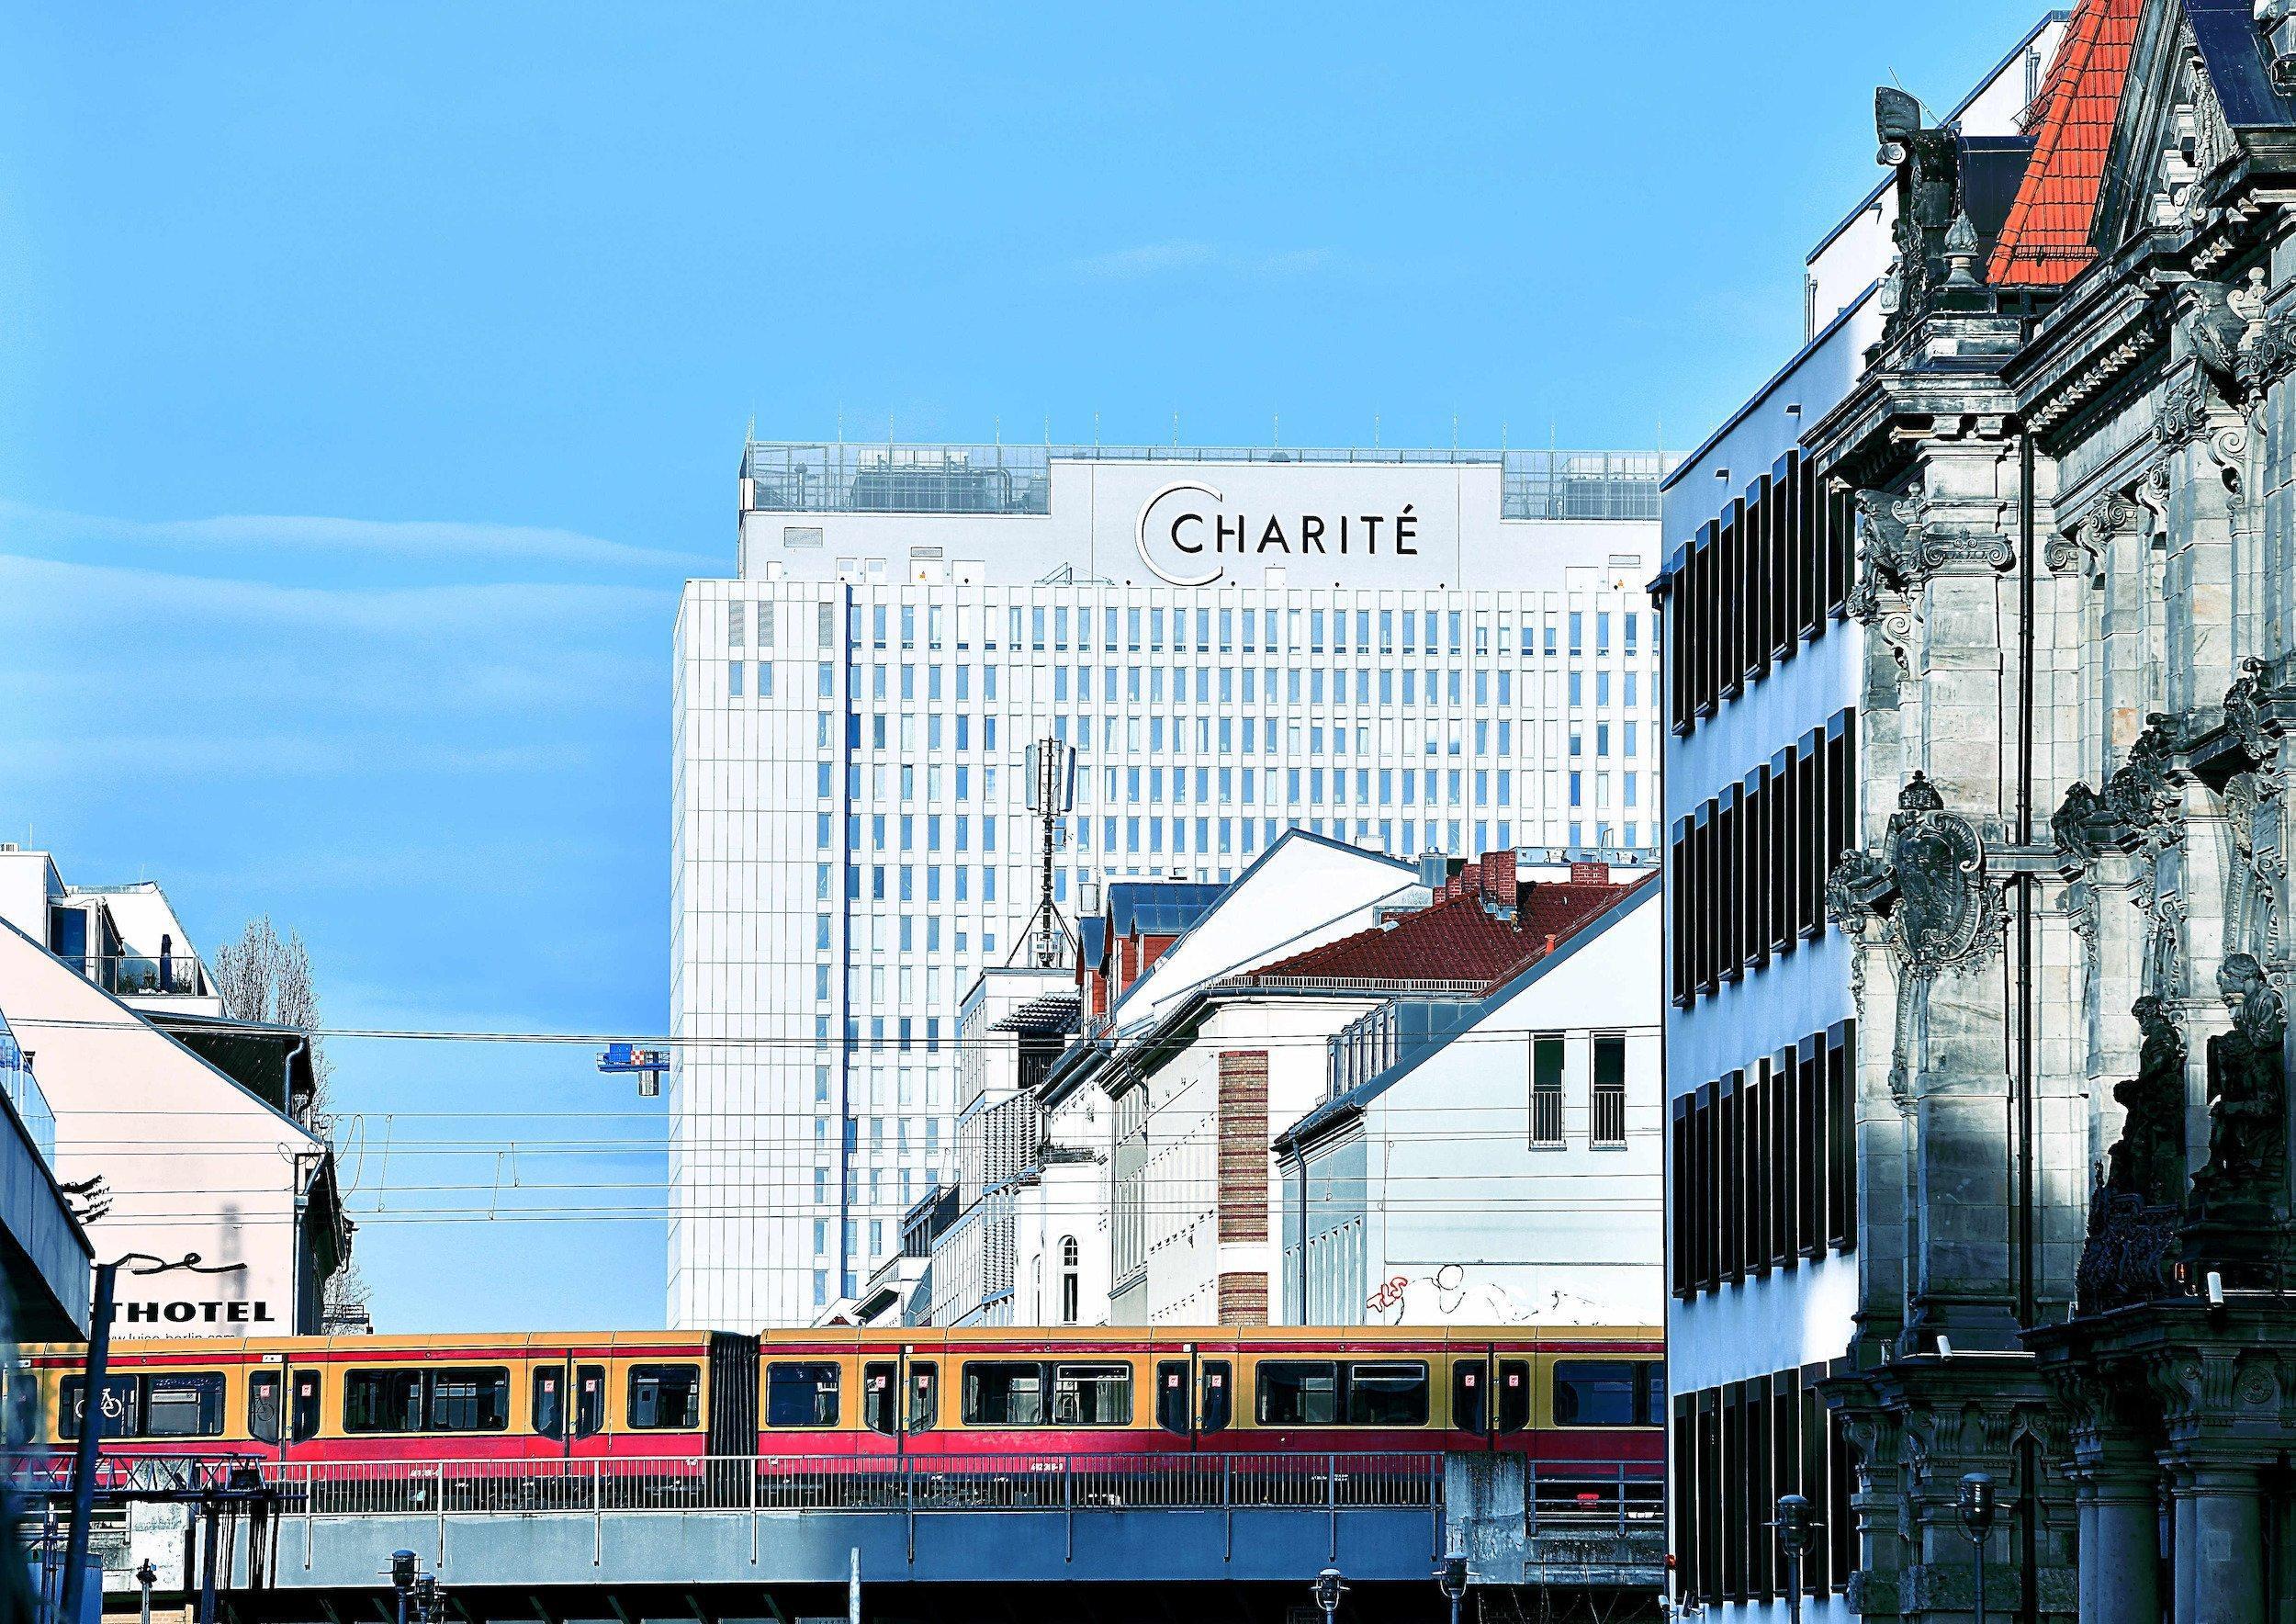 Das Hochhaus der Charité im Berliner Zentrum, im Vordergrund eine S-Bahn.